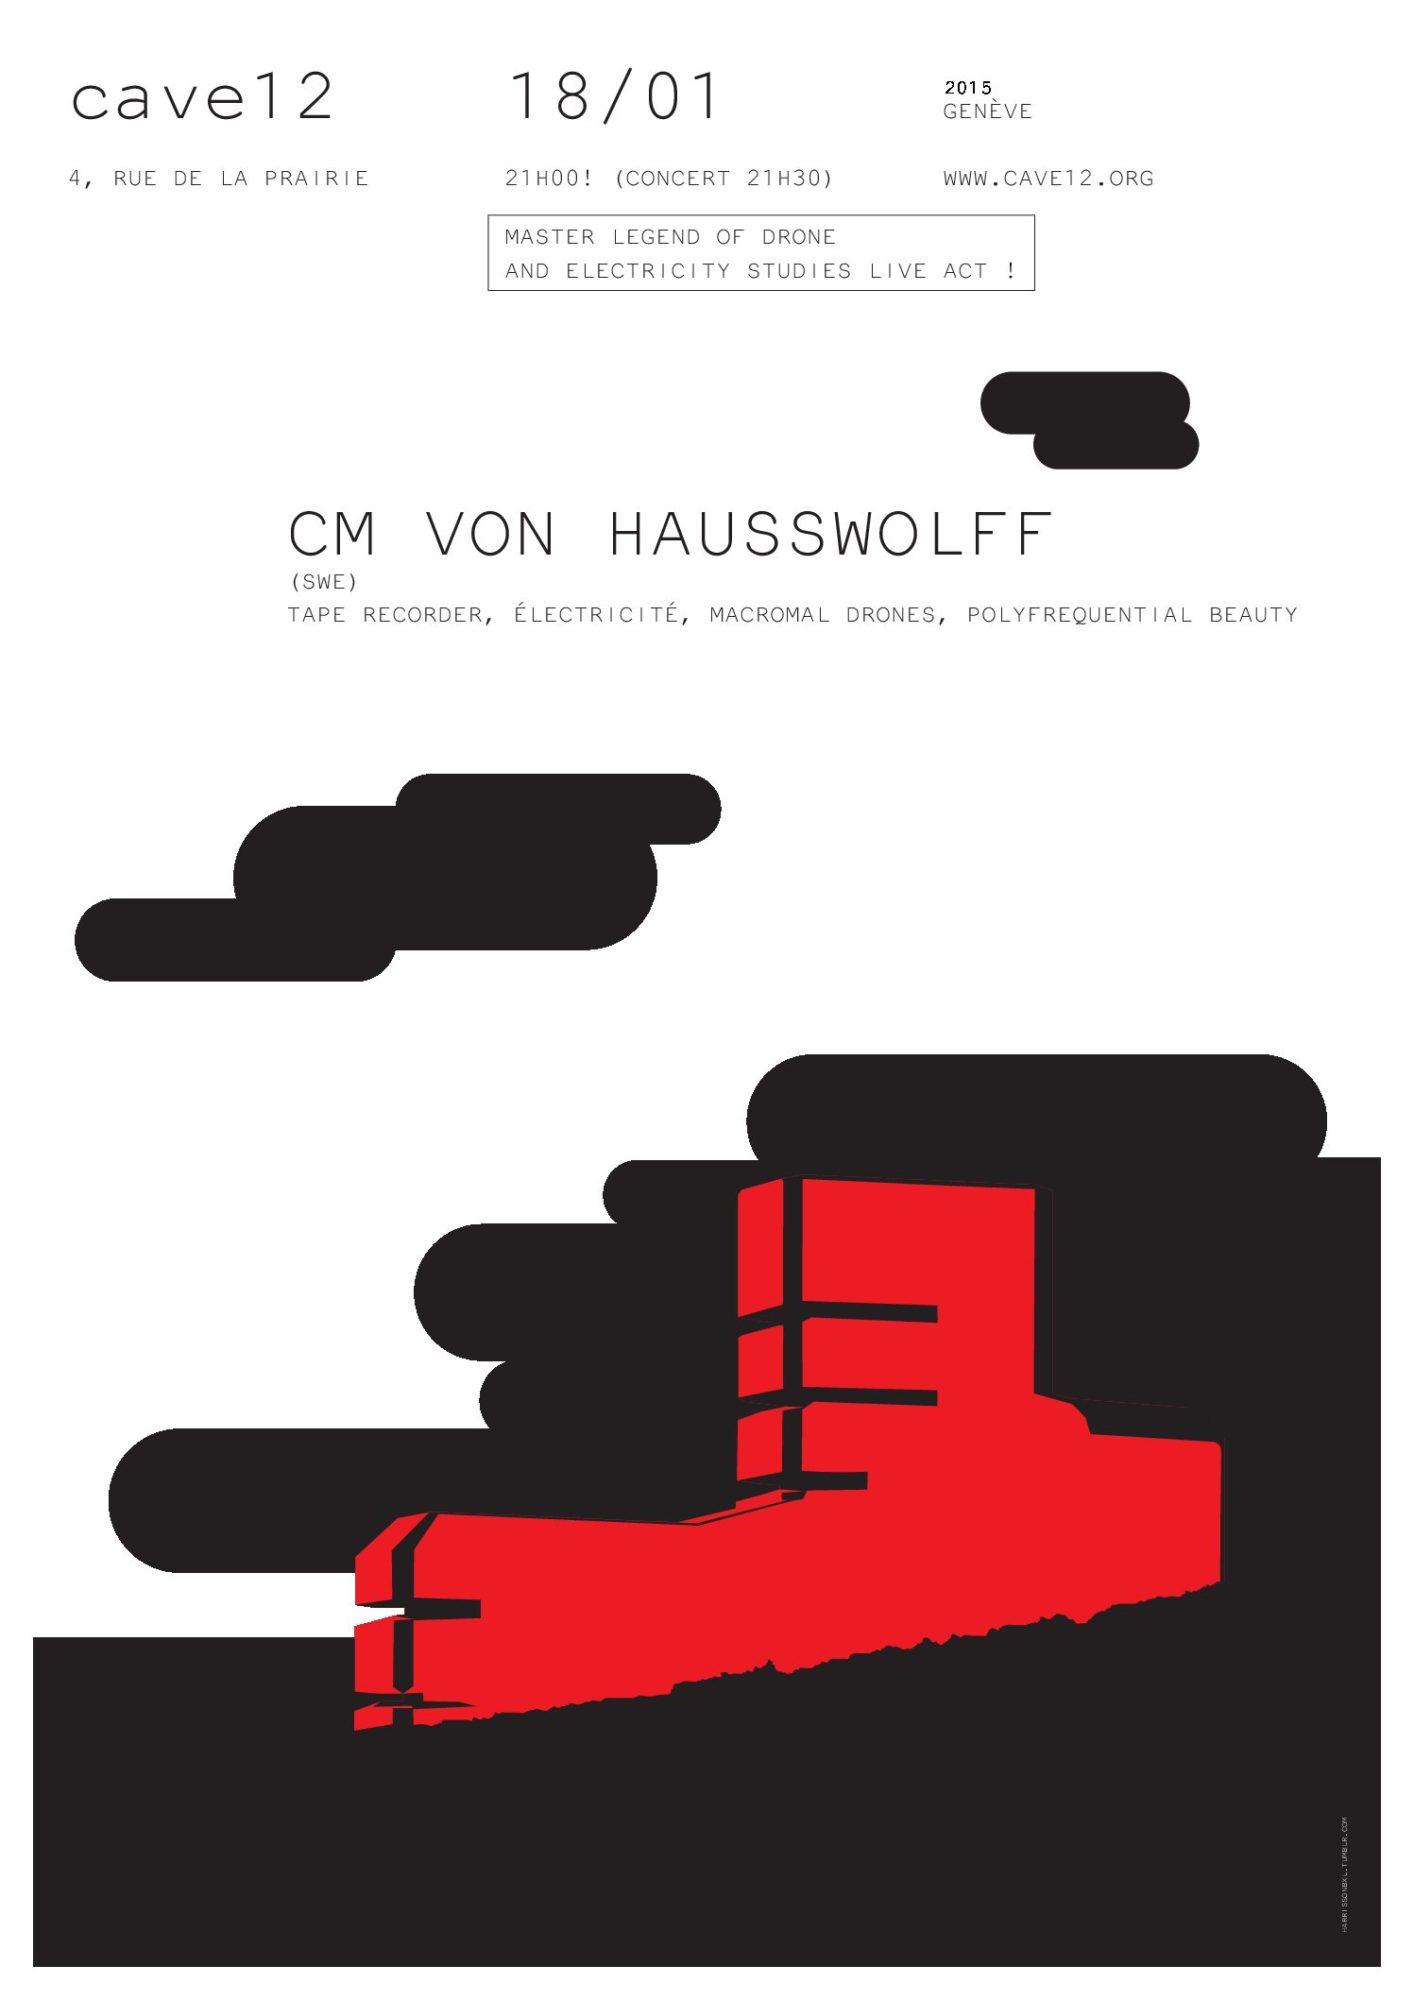 Affiches par Harrisson – cave12